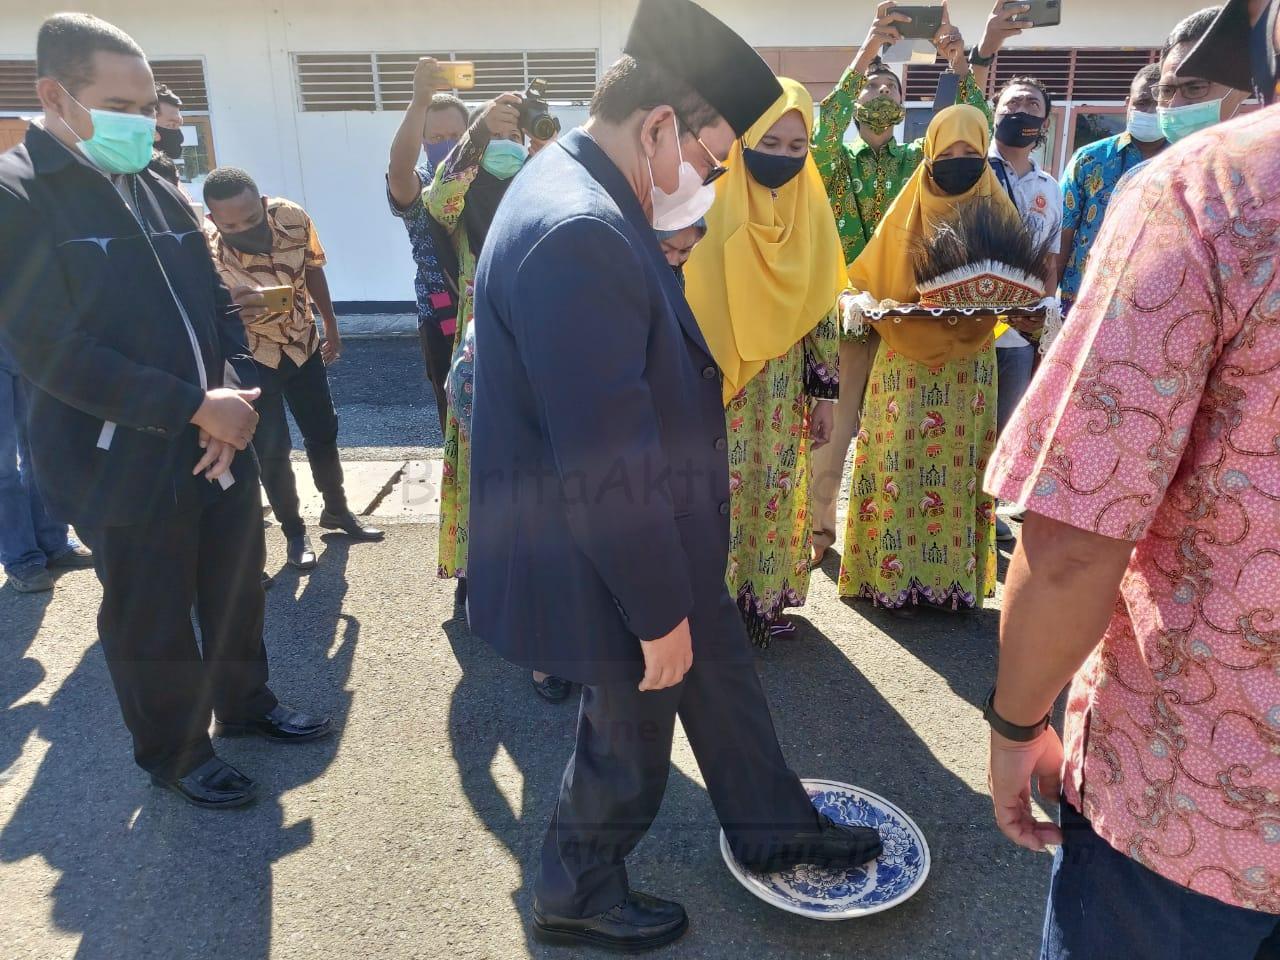 Tiba di Manokwari, Wakil Menteri Agama Disambut Prosesi Adat Injak Piring 2 IMG 20200821 WA0007